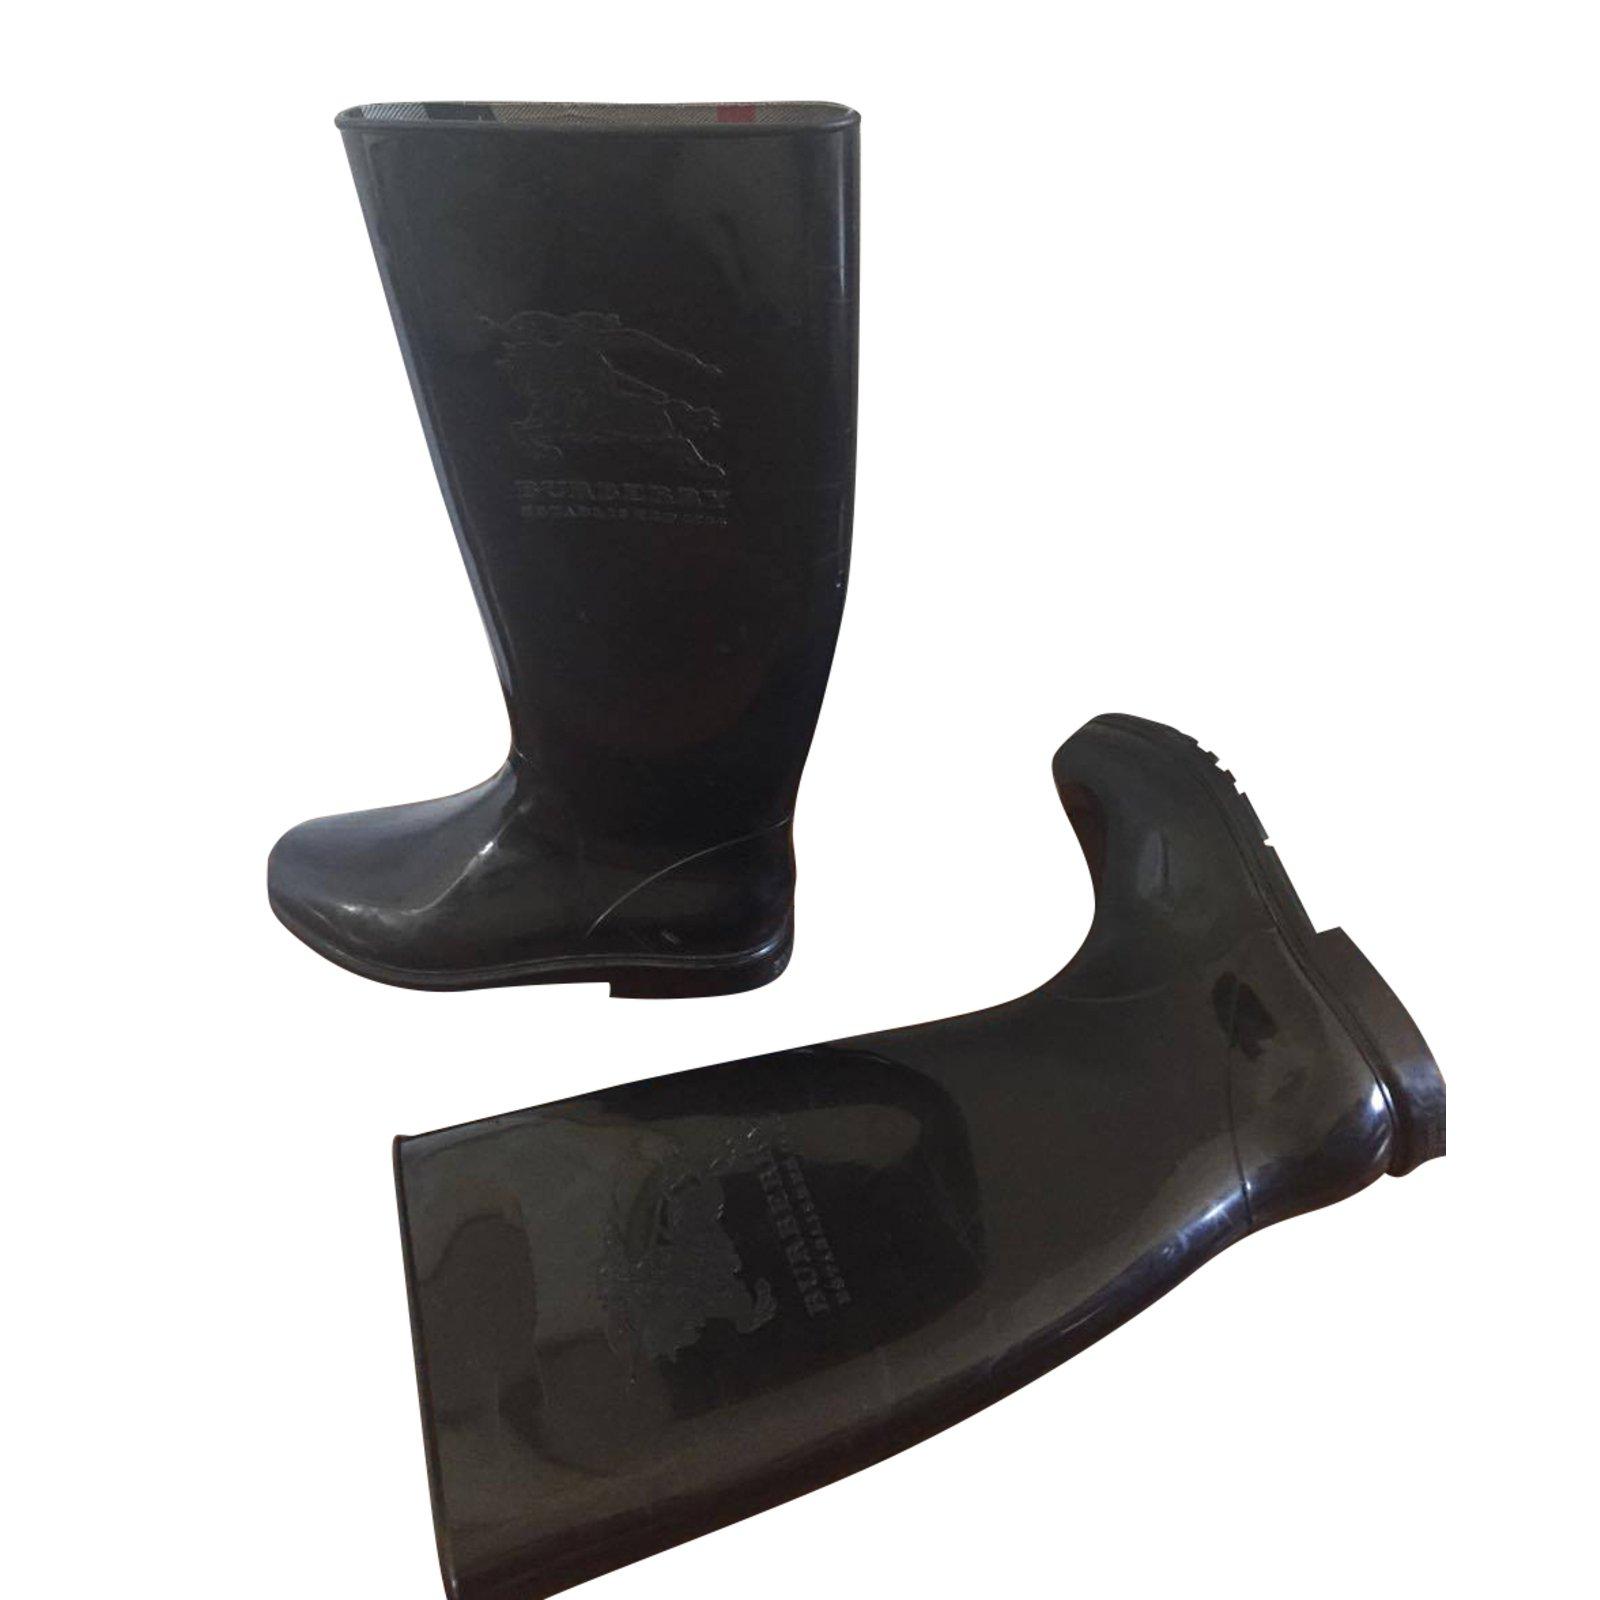 53aea945c4f En commun Bottes Burberry Bottes de pluie Burberry en caoutchouc noir